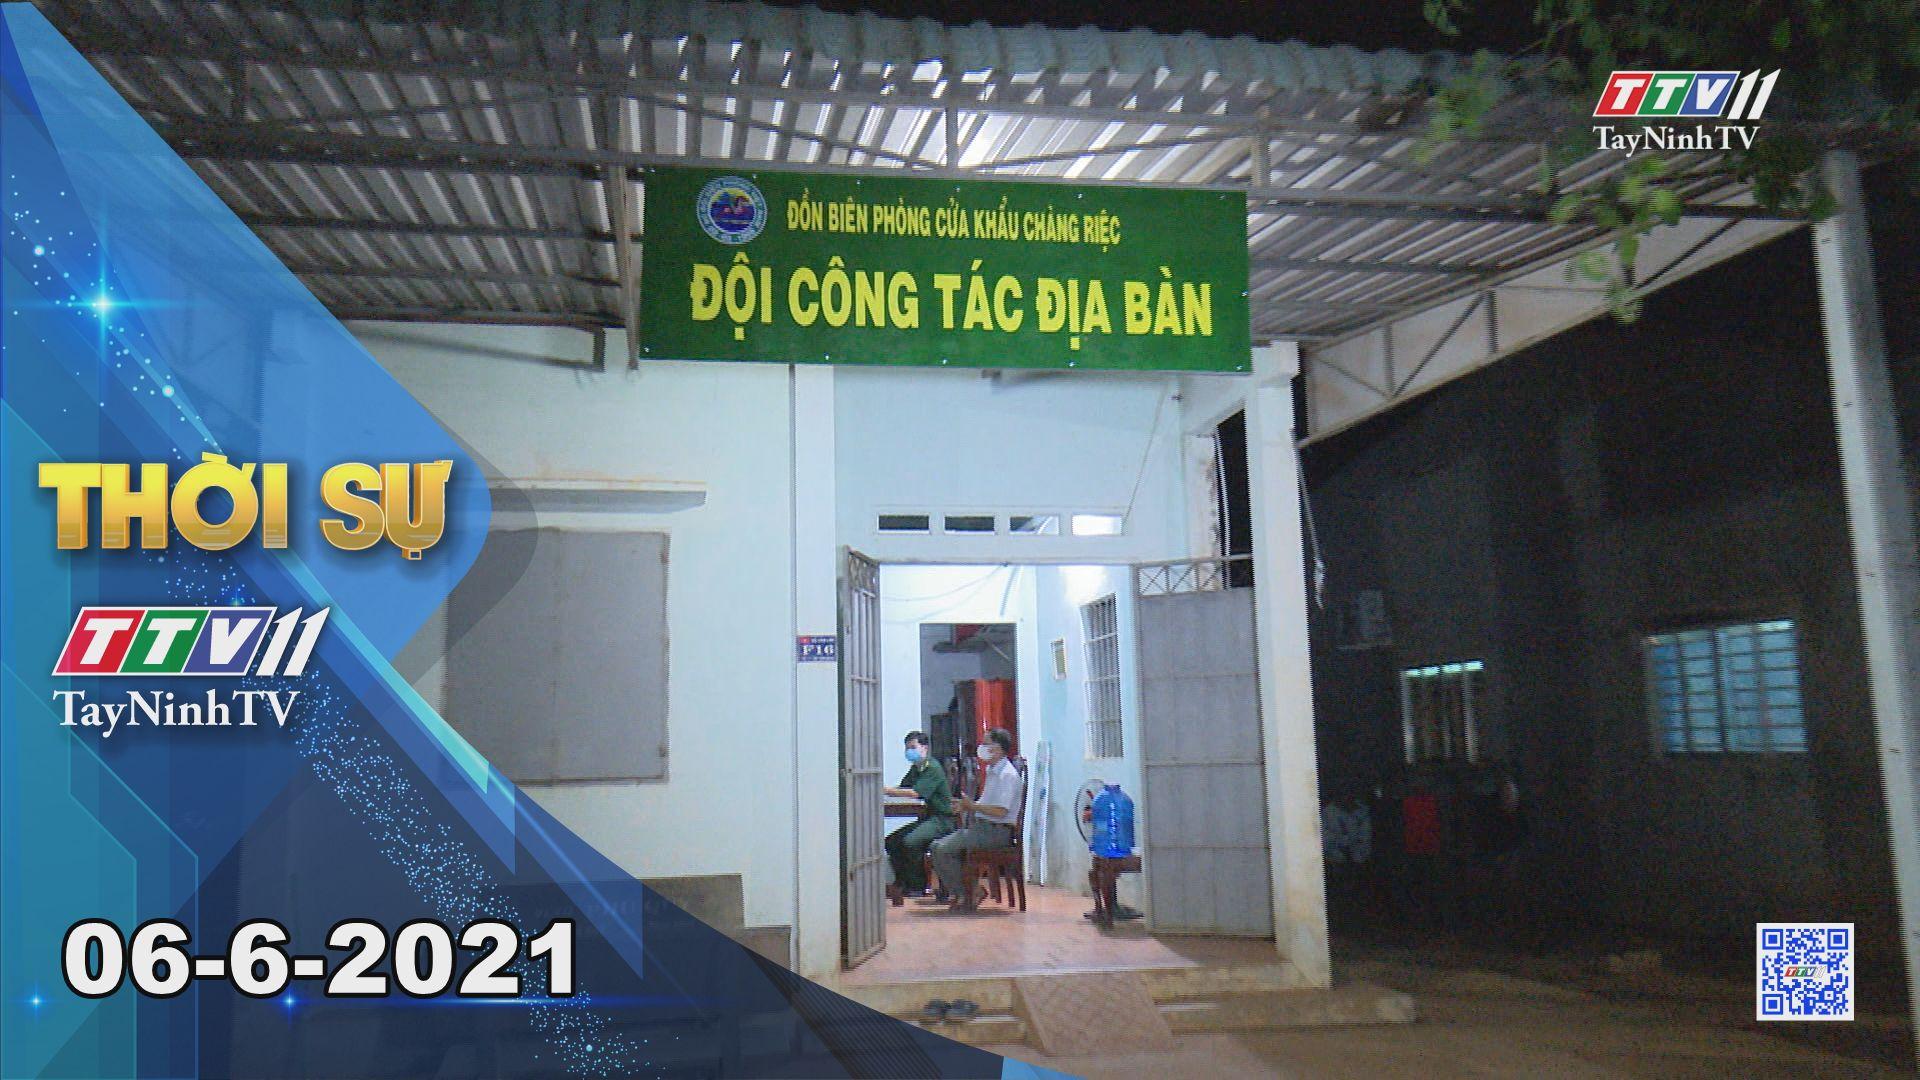 Thời sự Tây Ninh 06-6-2021 | Tin tức hôm nay | TayNinhTV